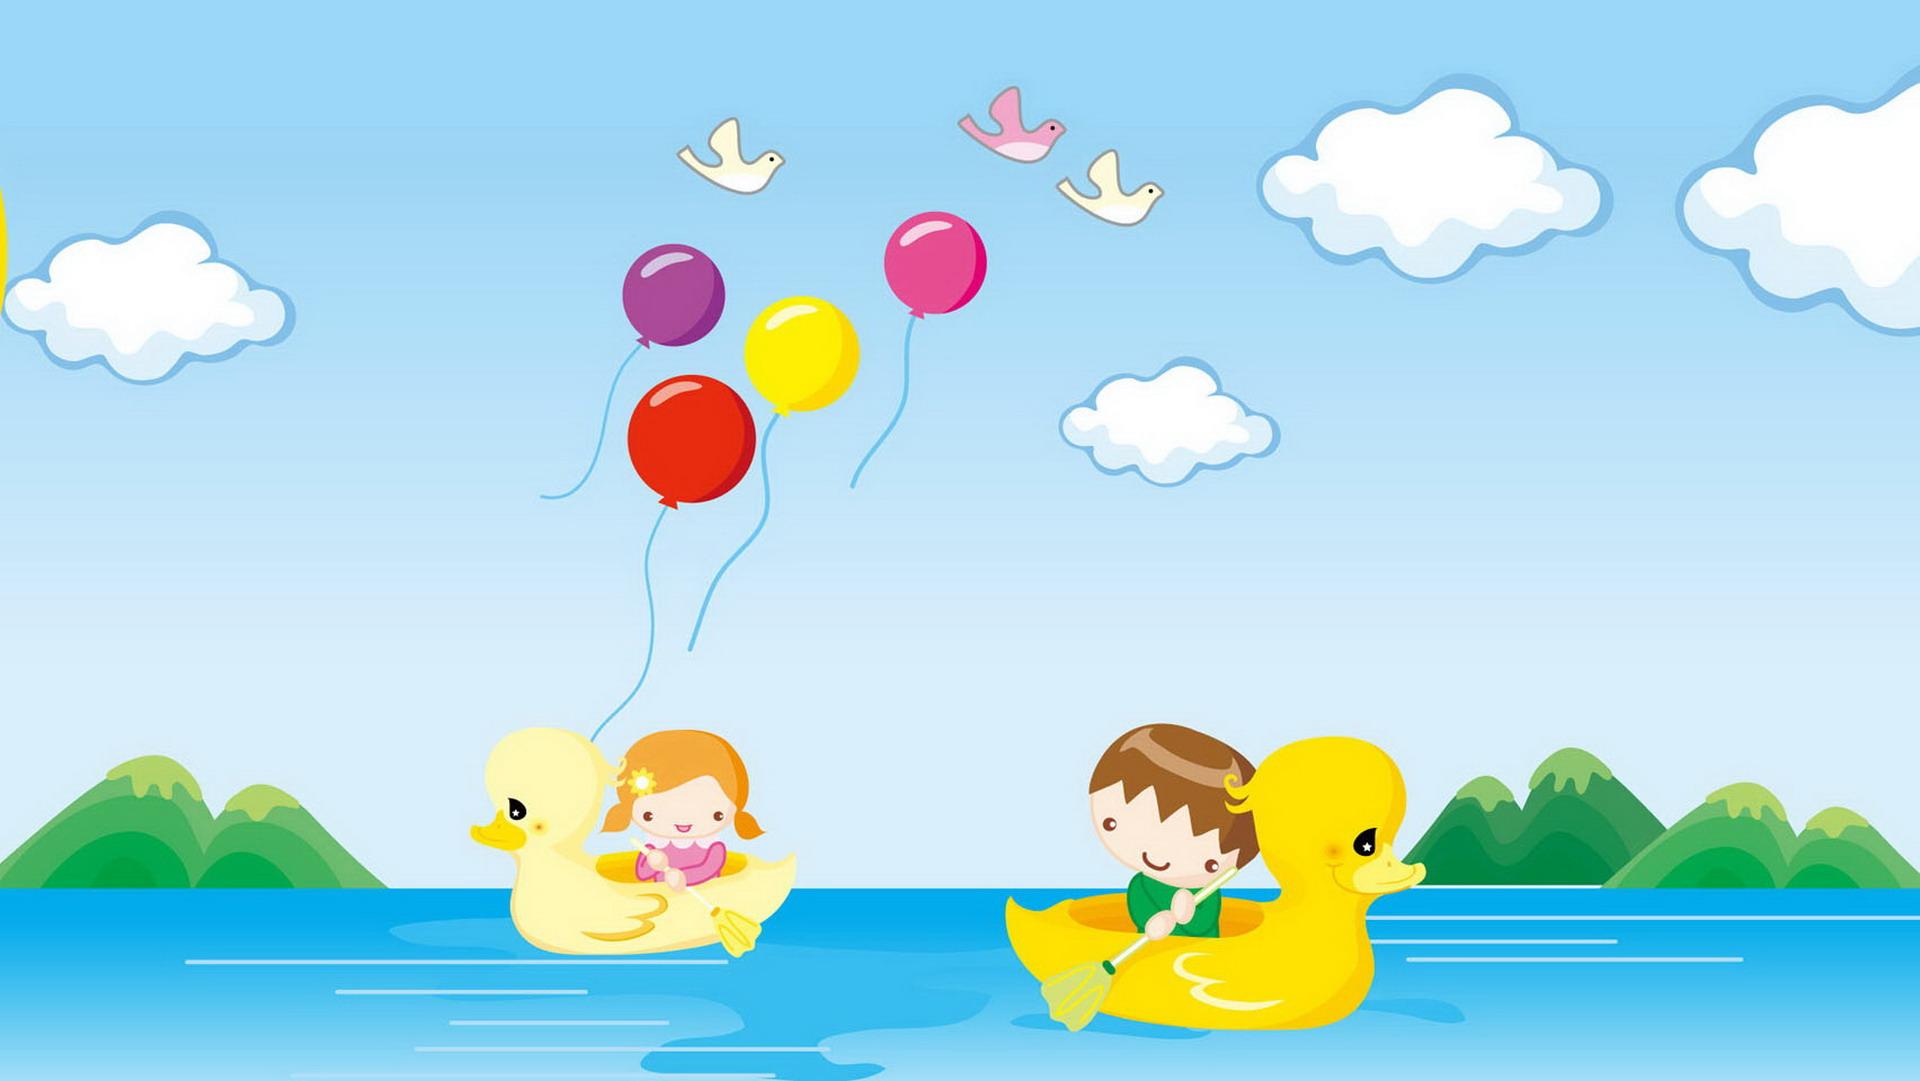 >> 幼儿园意外事故急救  幼儿再幼儿园发生意外伤害时怎么办答:安全